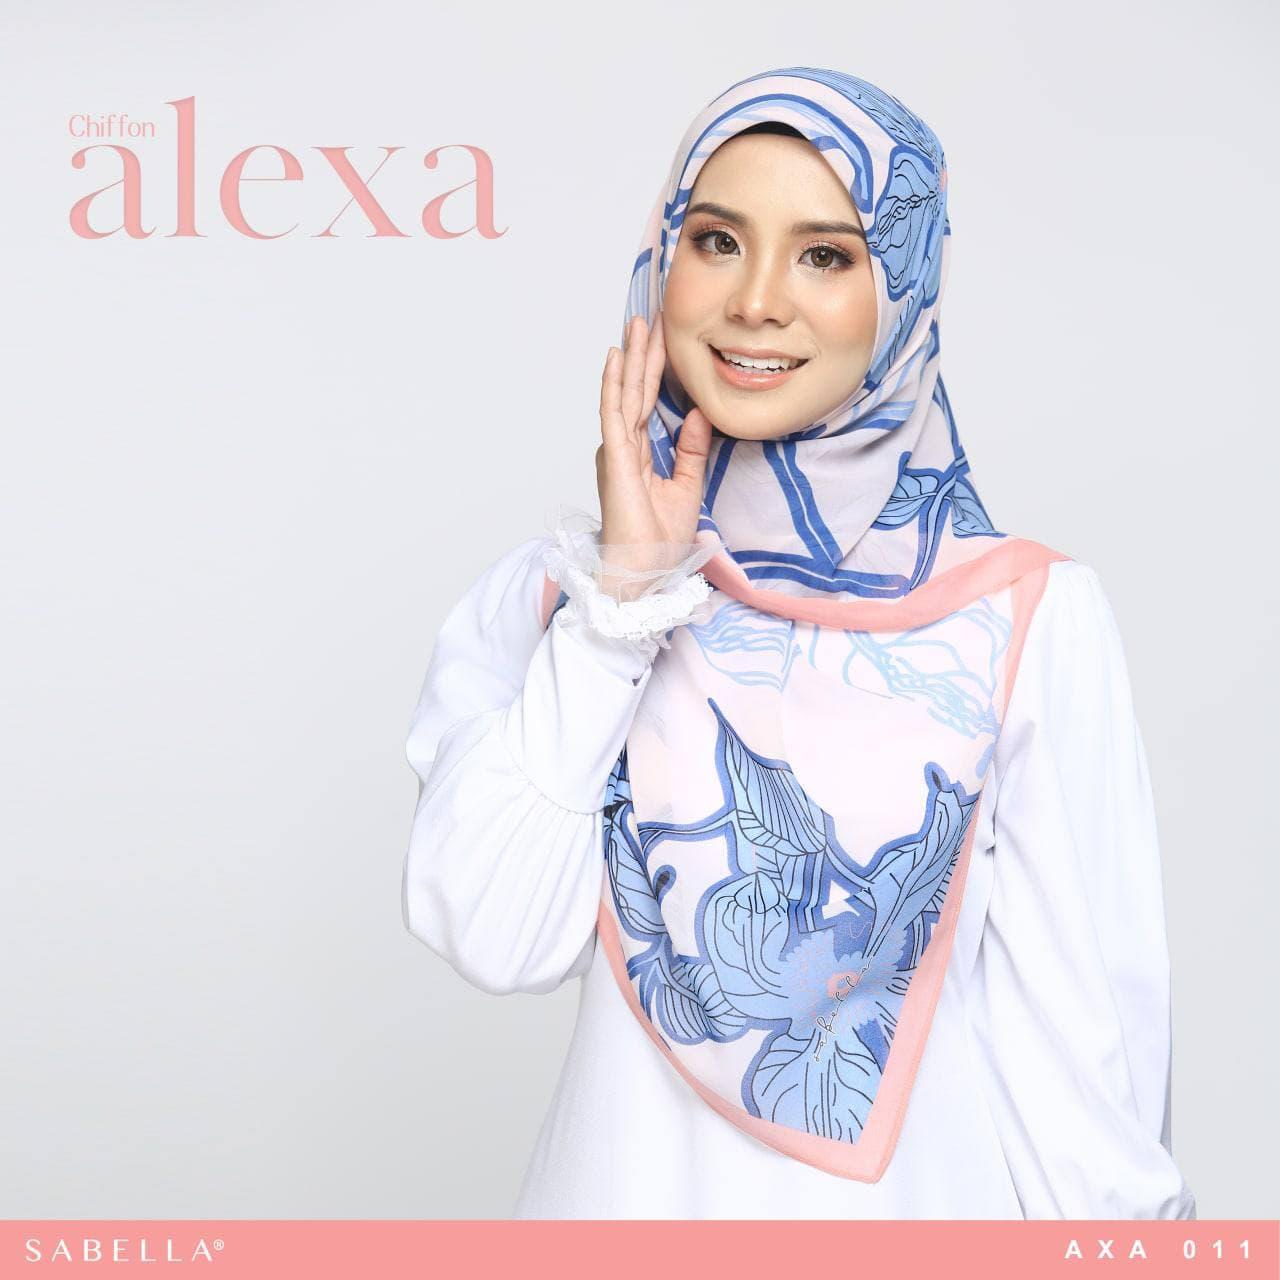 Alexa 011